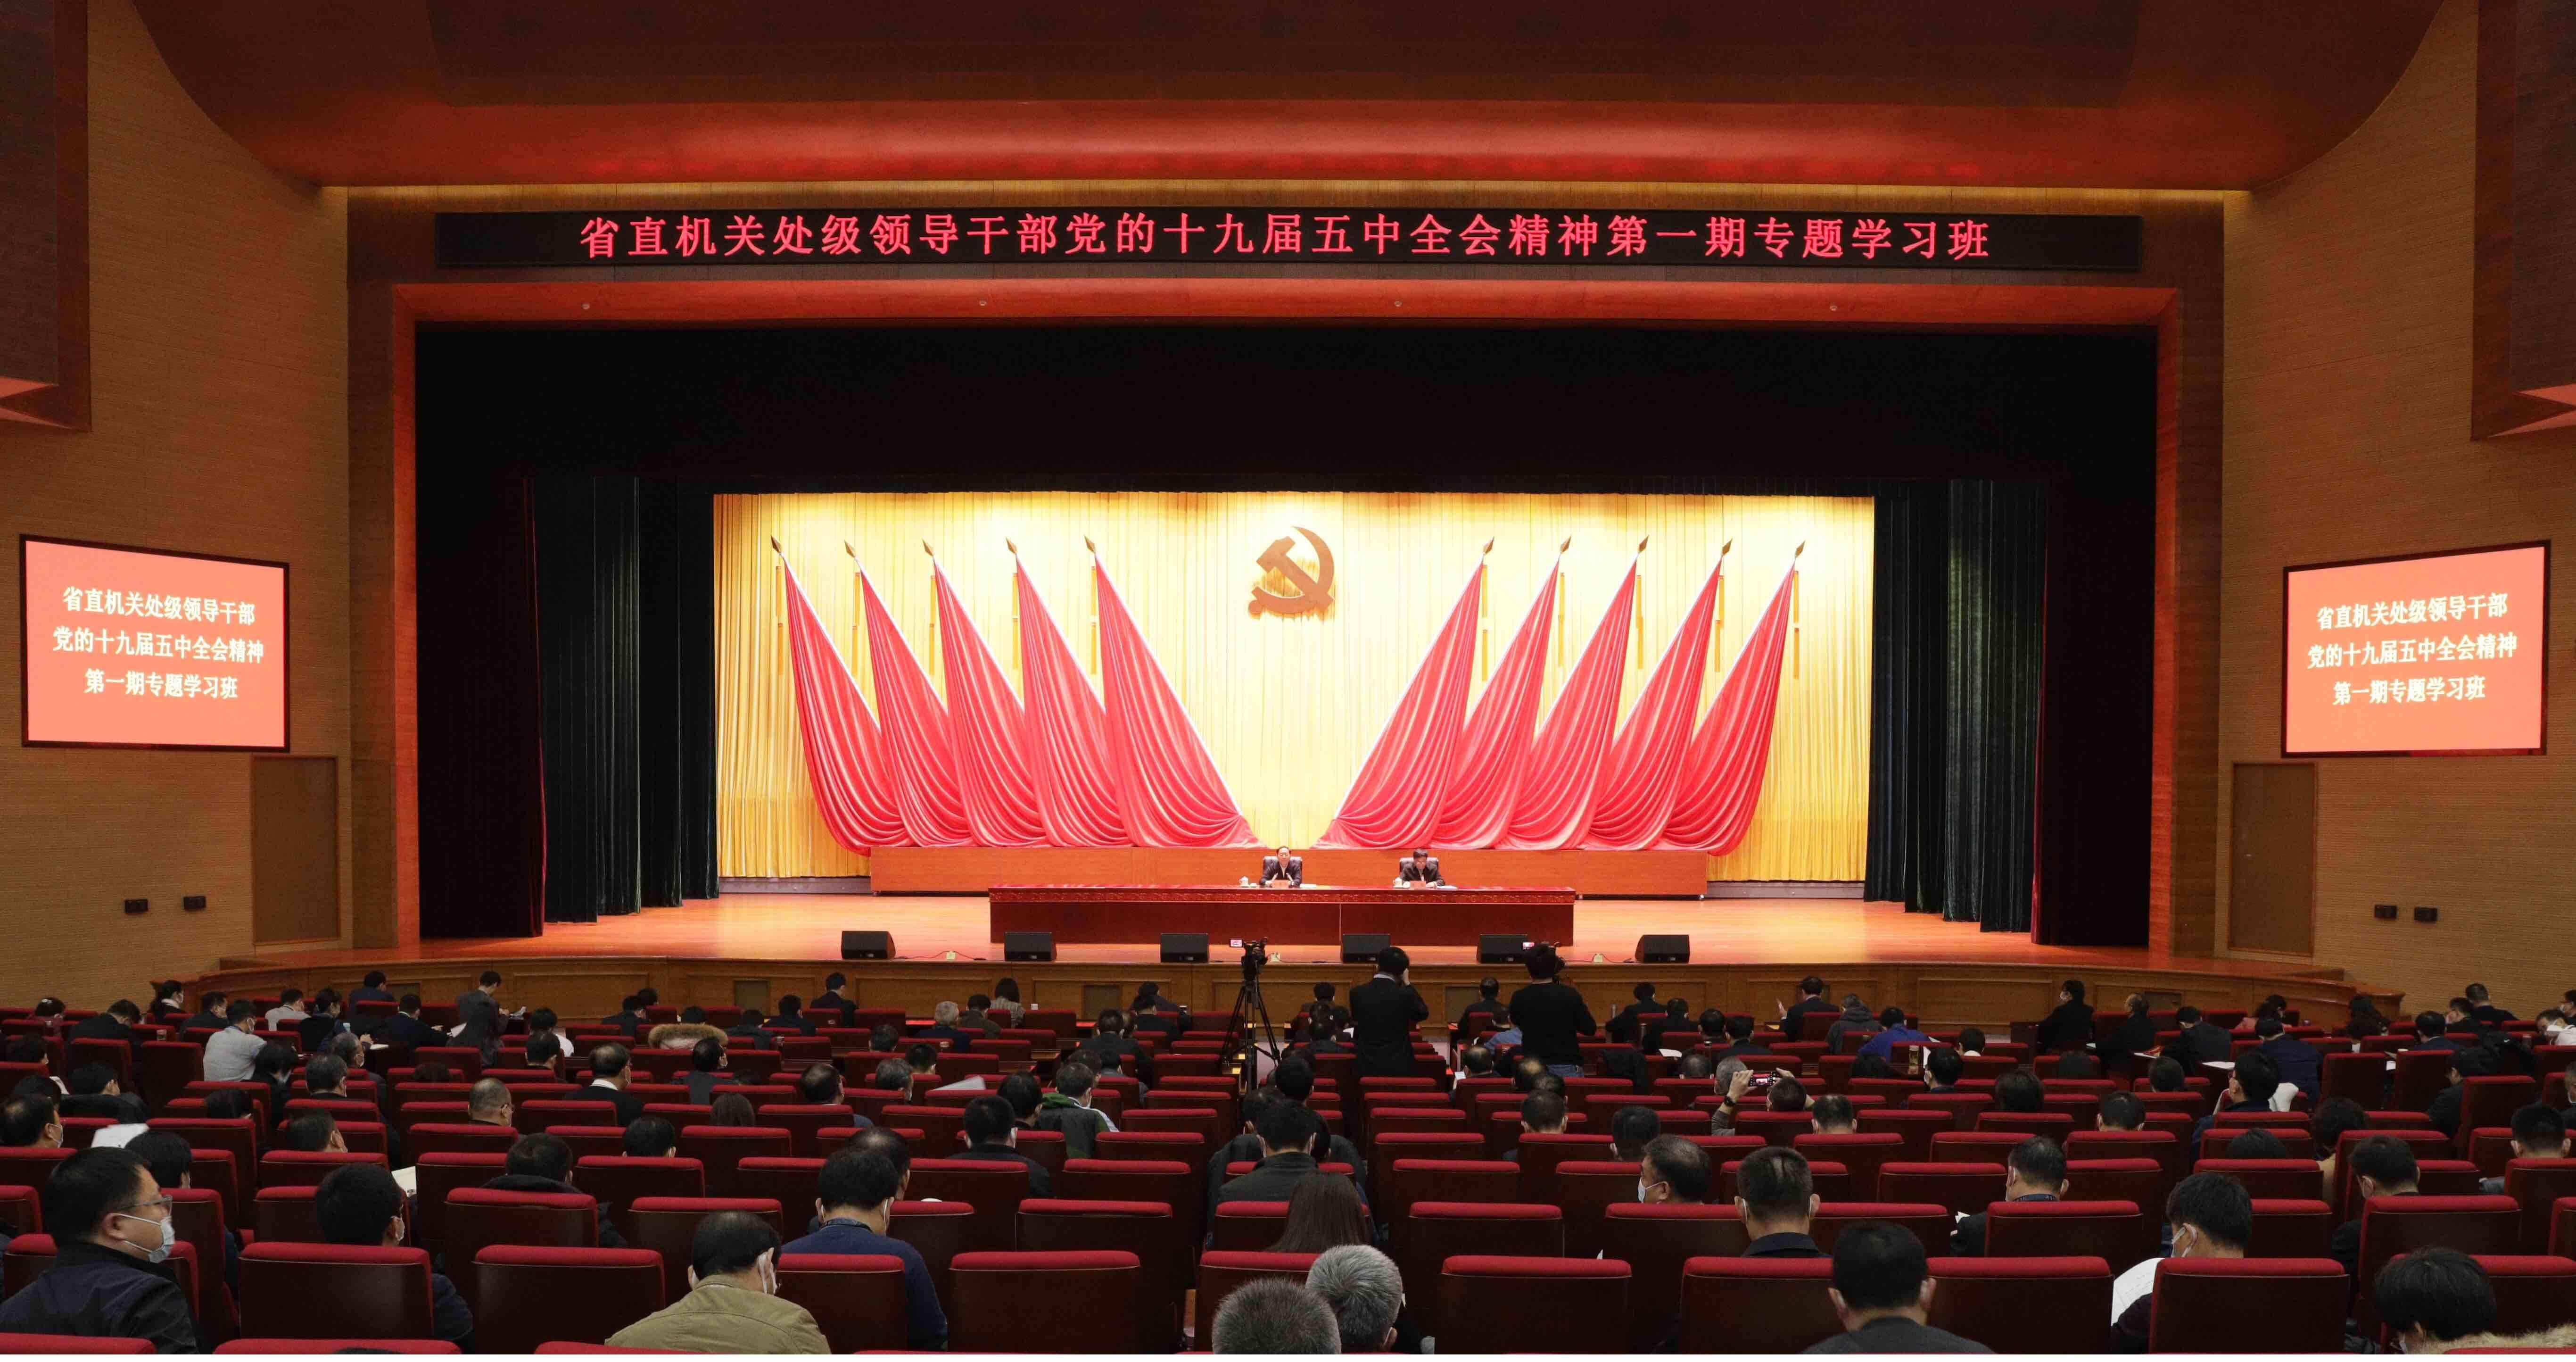 山东省直机关处级领导干部党的十九届五中全会精神专题学习班开班